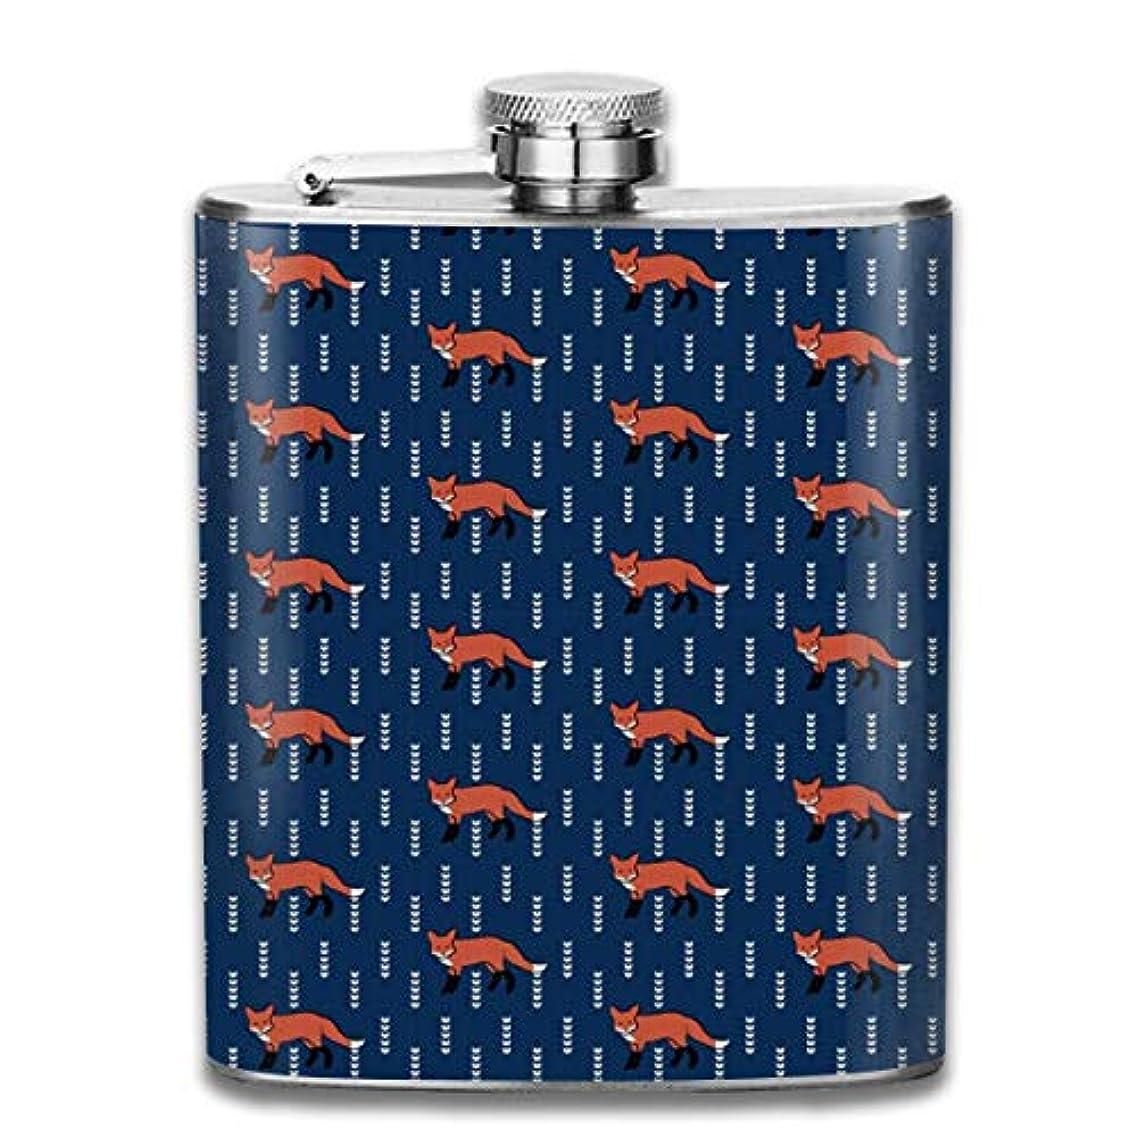 出発政令カードかわいい狐 フラスコ スキットル ヒップフラスコ 7オンス 206ml 高品質ステンレス製 ウイスキー アルコール 清酒 携帯 ボトル